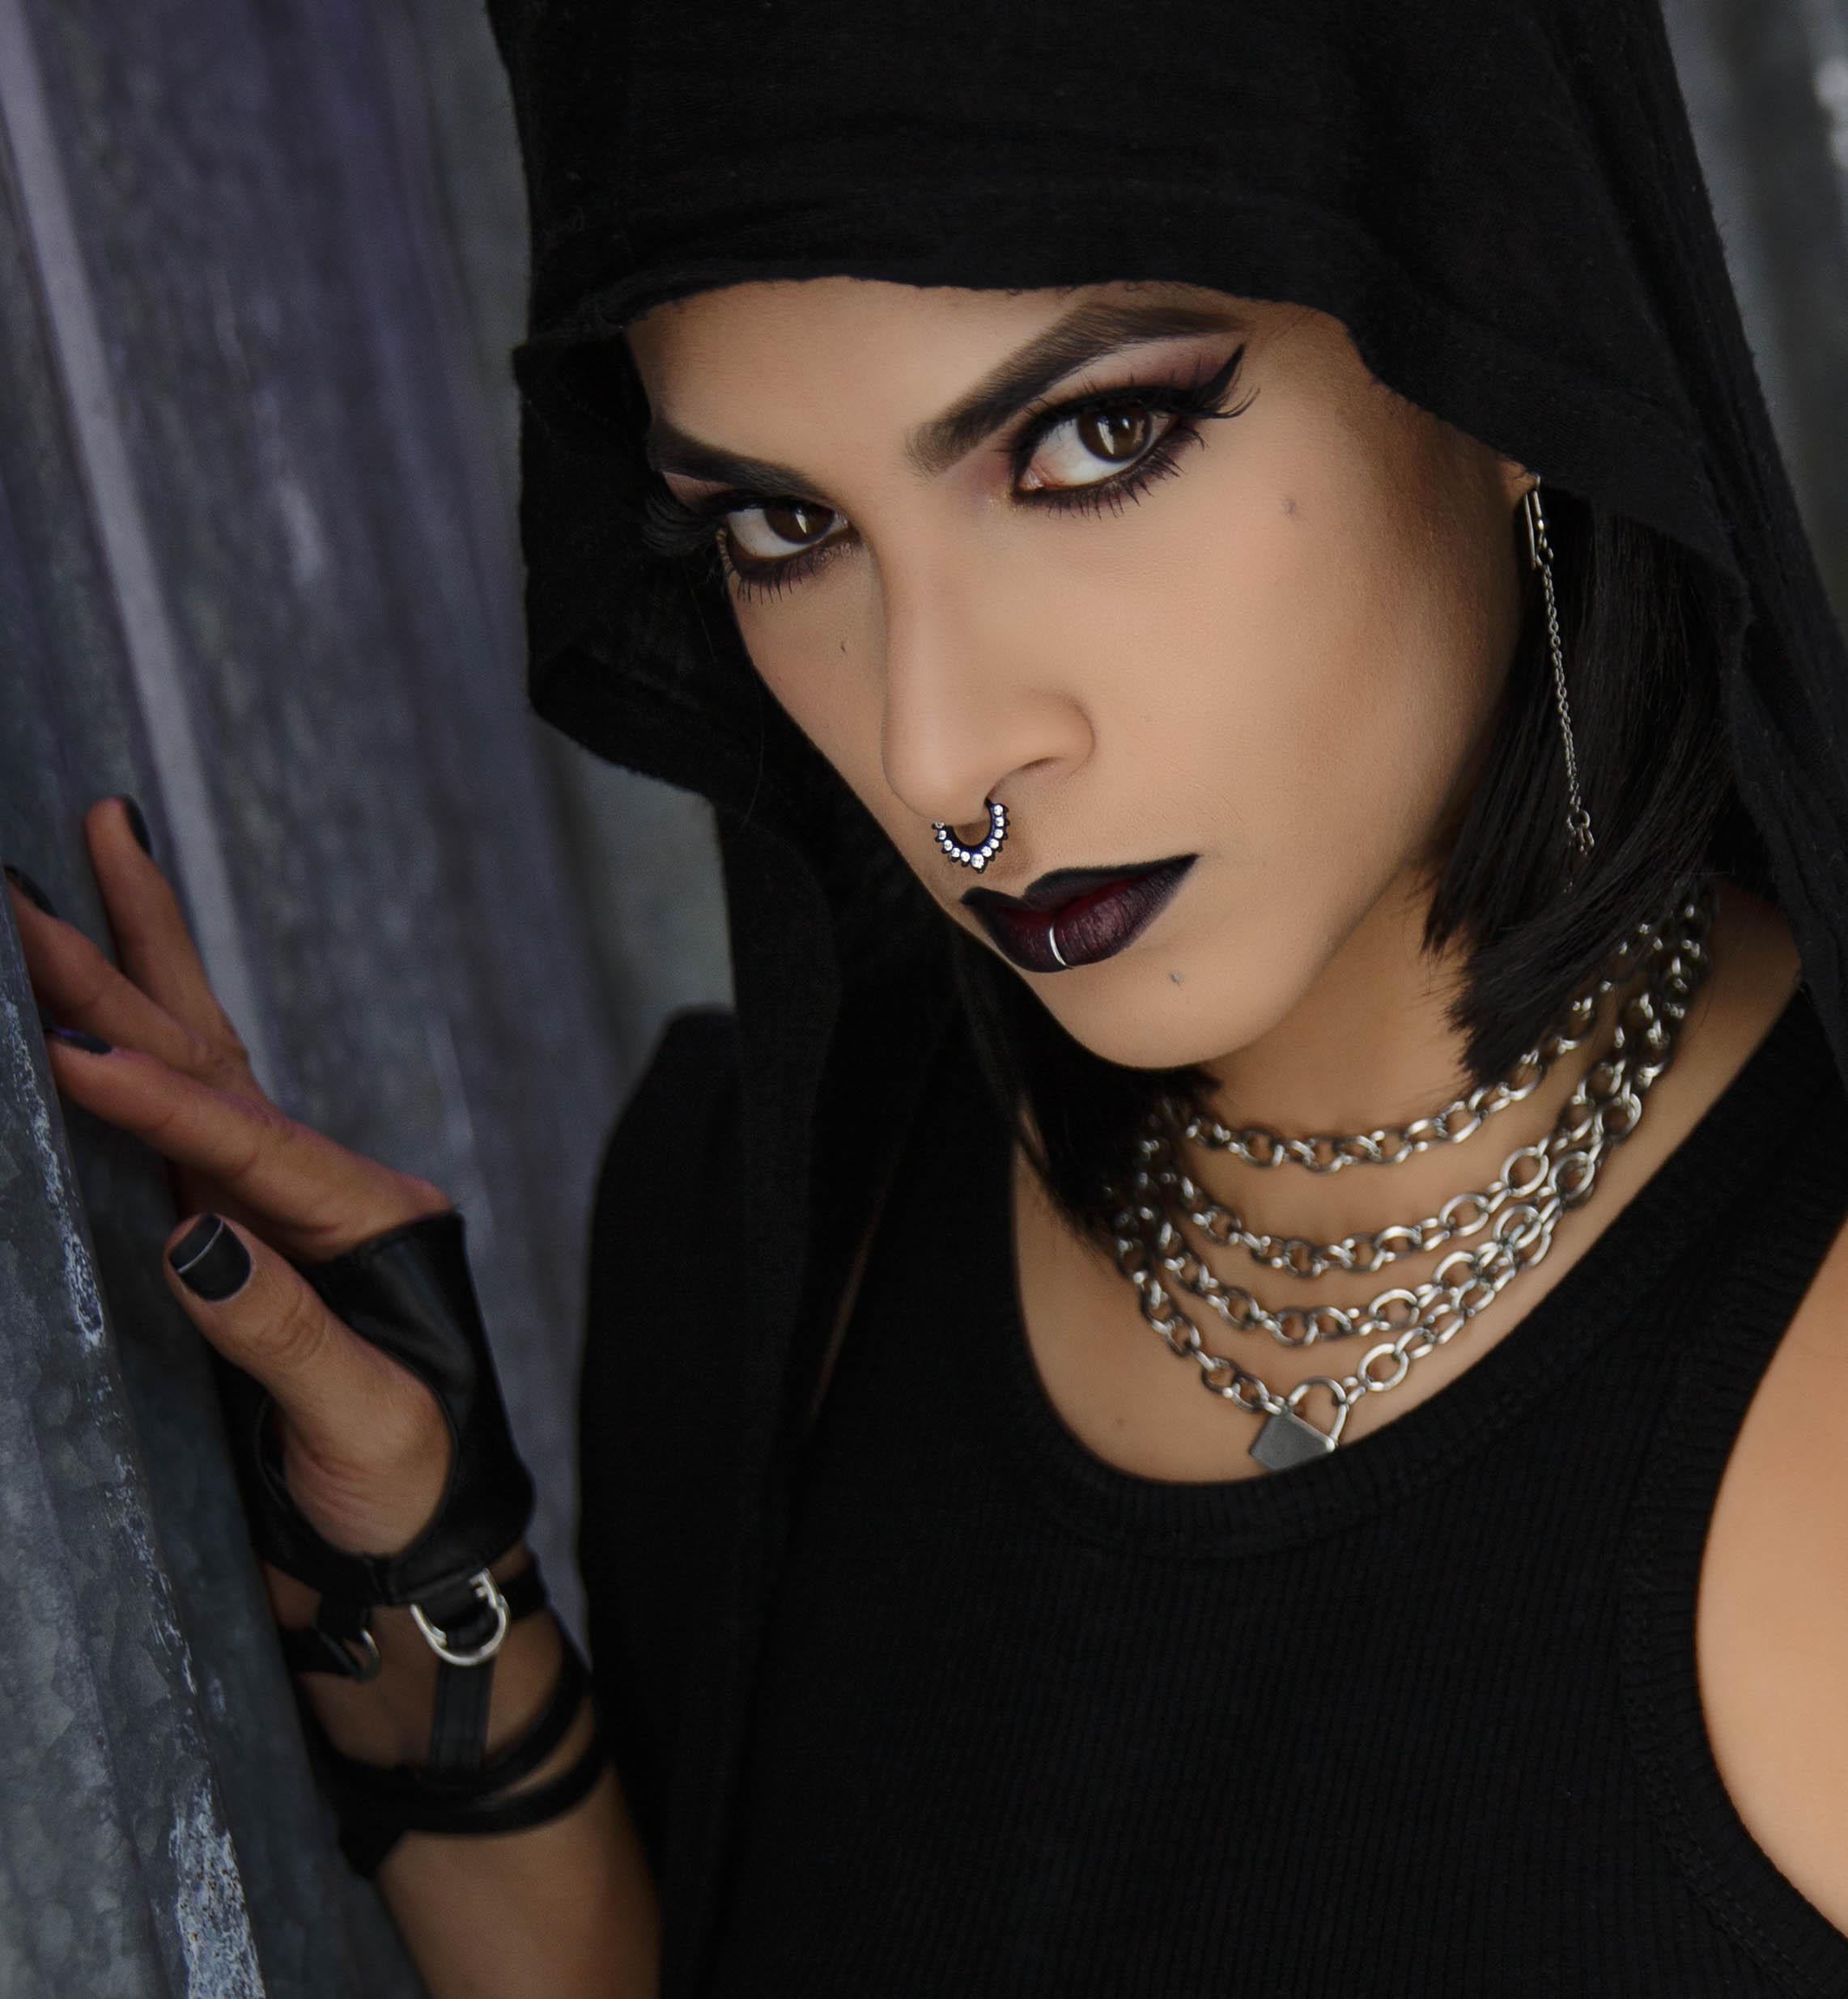 Ginnette-Gothic_-92-Edit